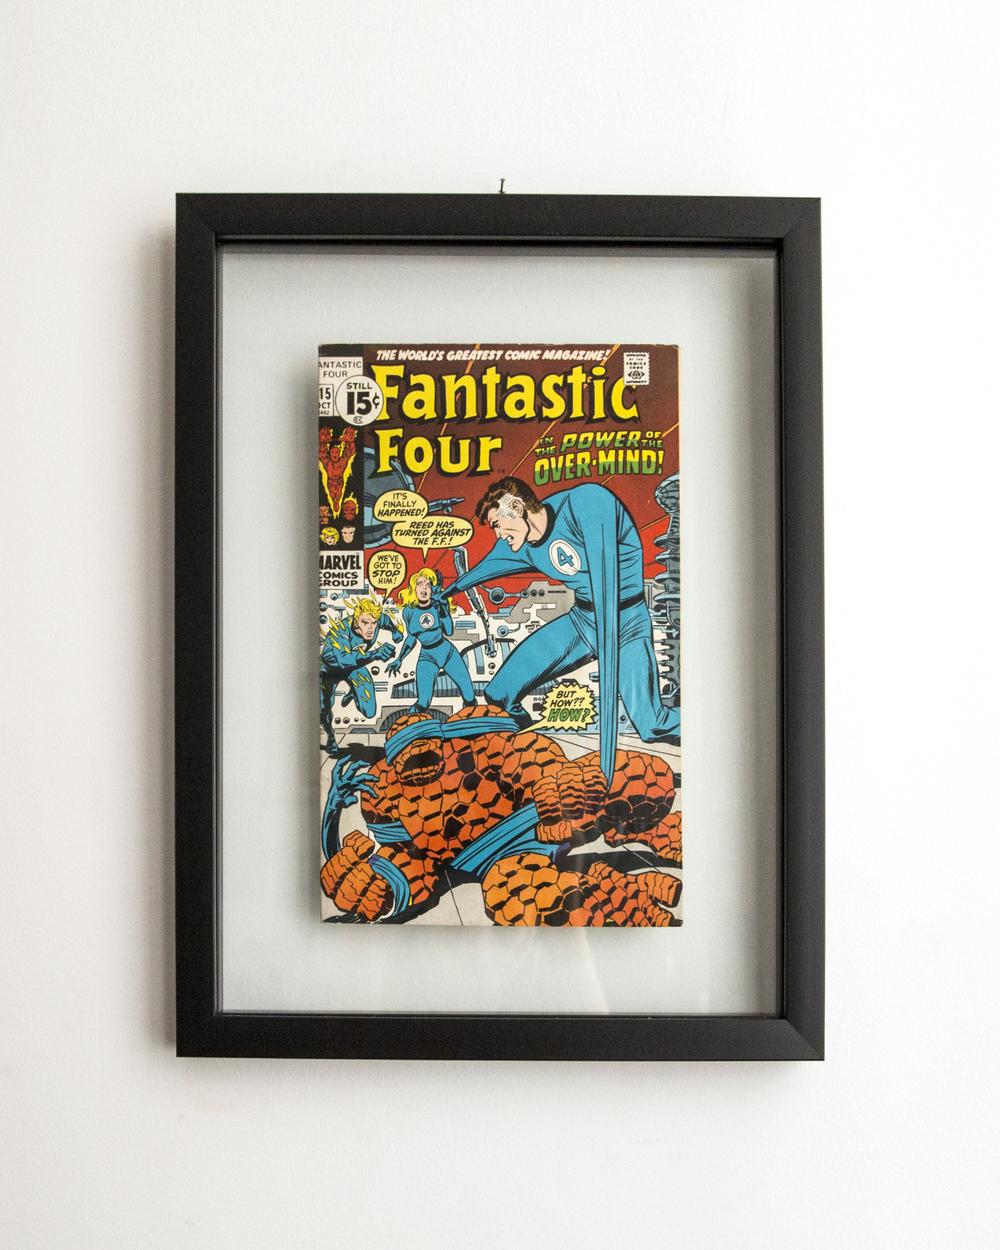 FantasticFour.jpg